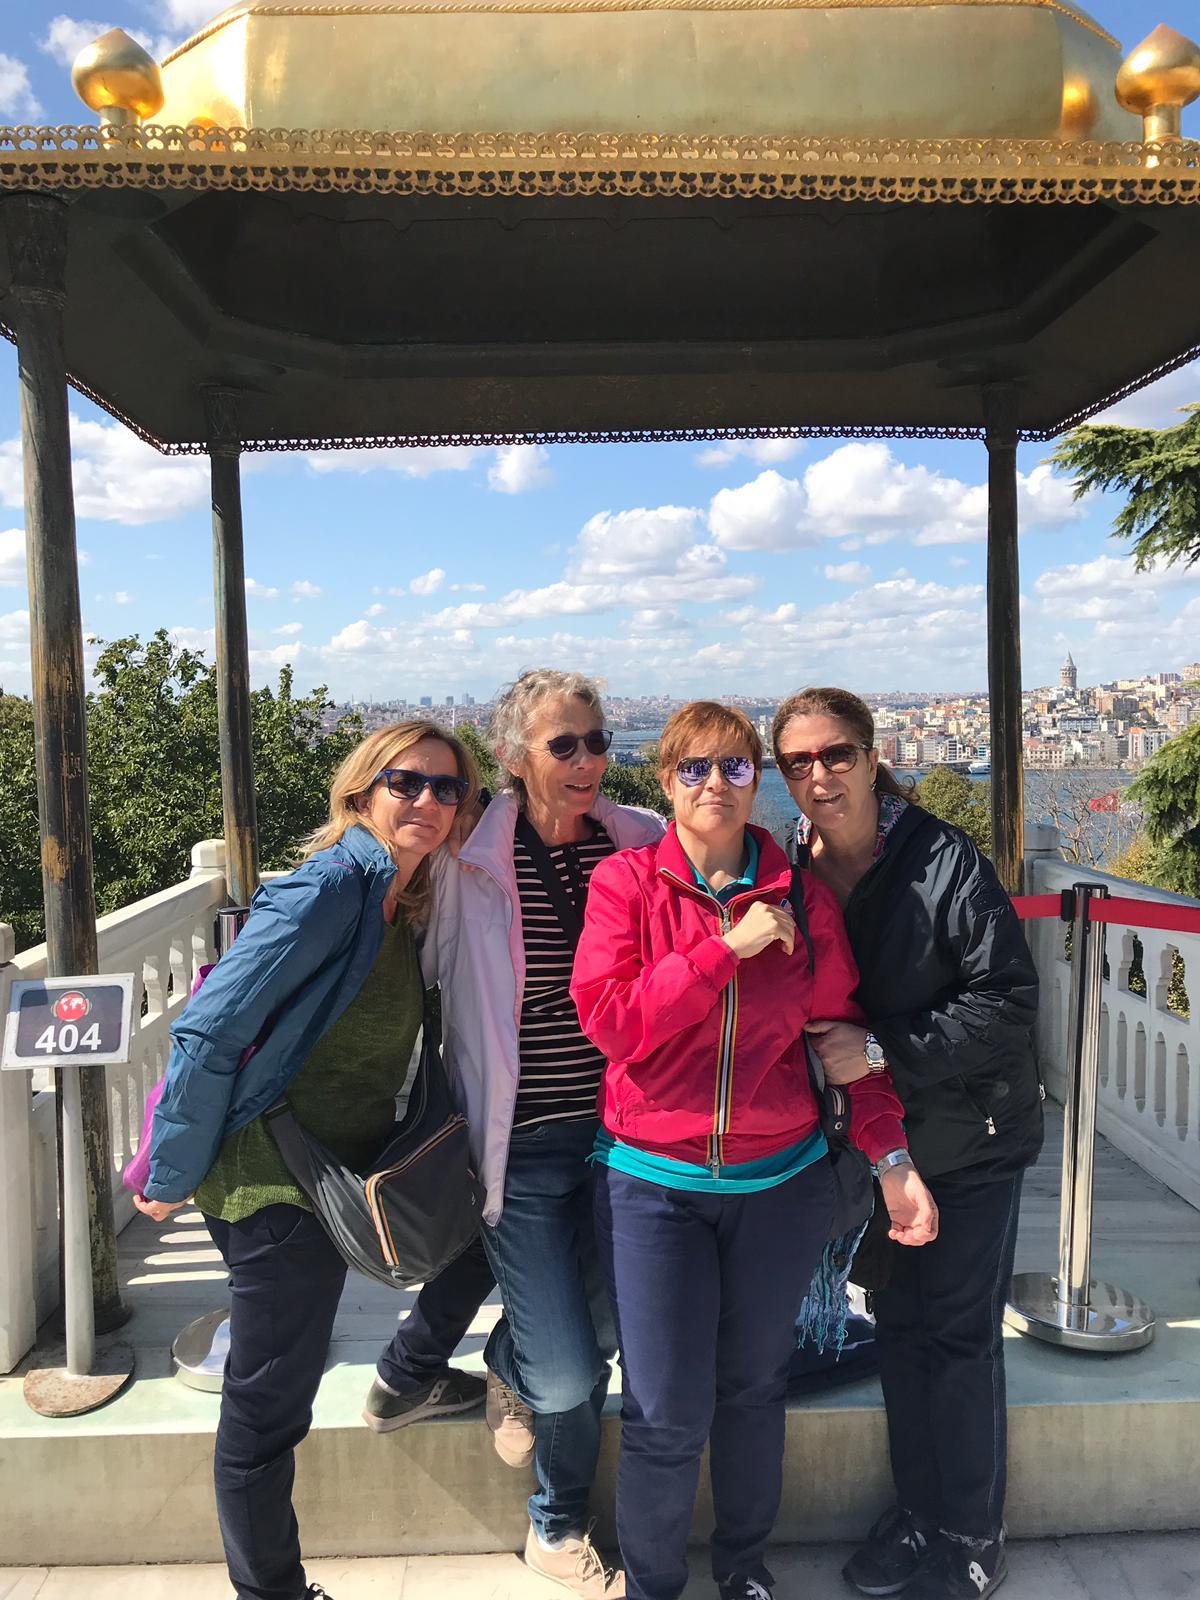 Aida, Cinzia, Lucia e Patrizia a Istanbul dal 20 al 22 settembre 2019. #ConcorsoFotograficoViaggiCarmen2019